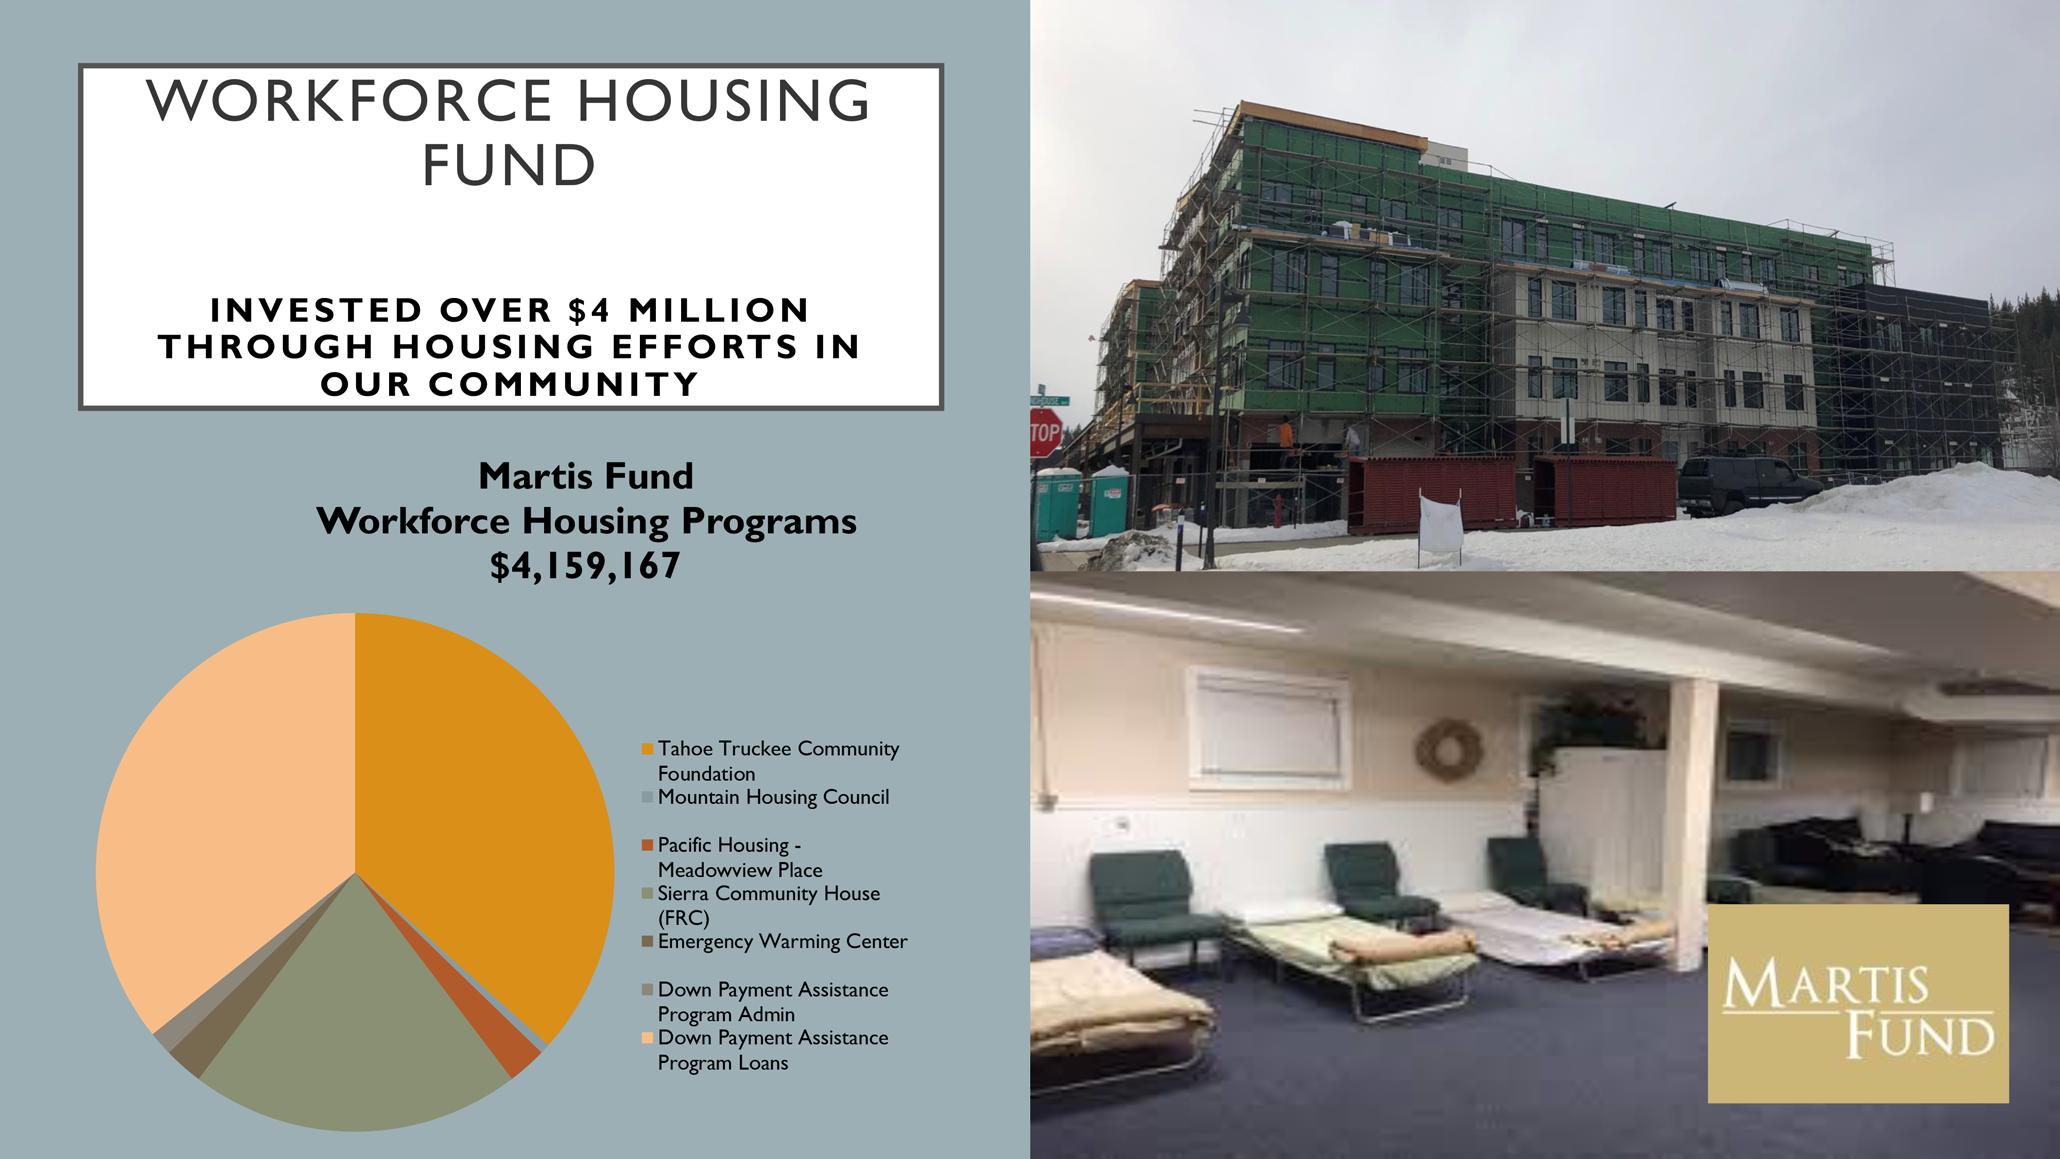 Martis Fund Workforce Housing Grants